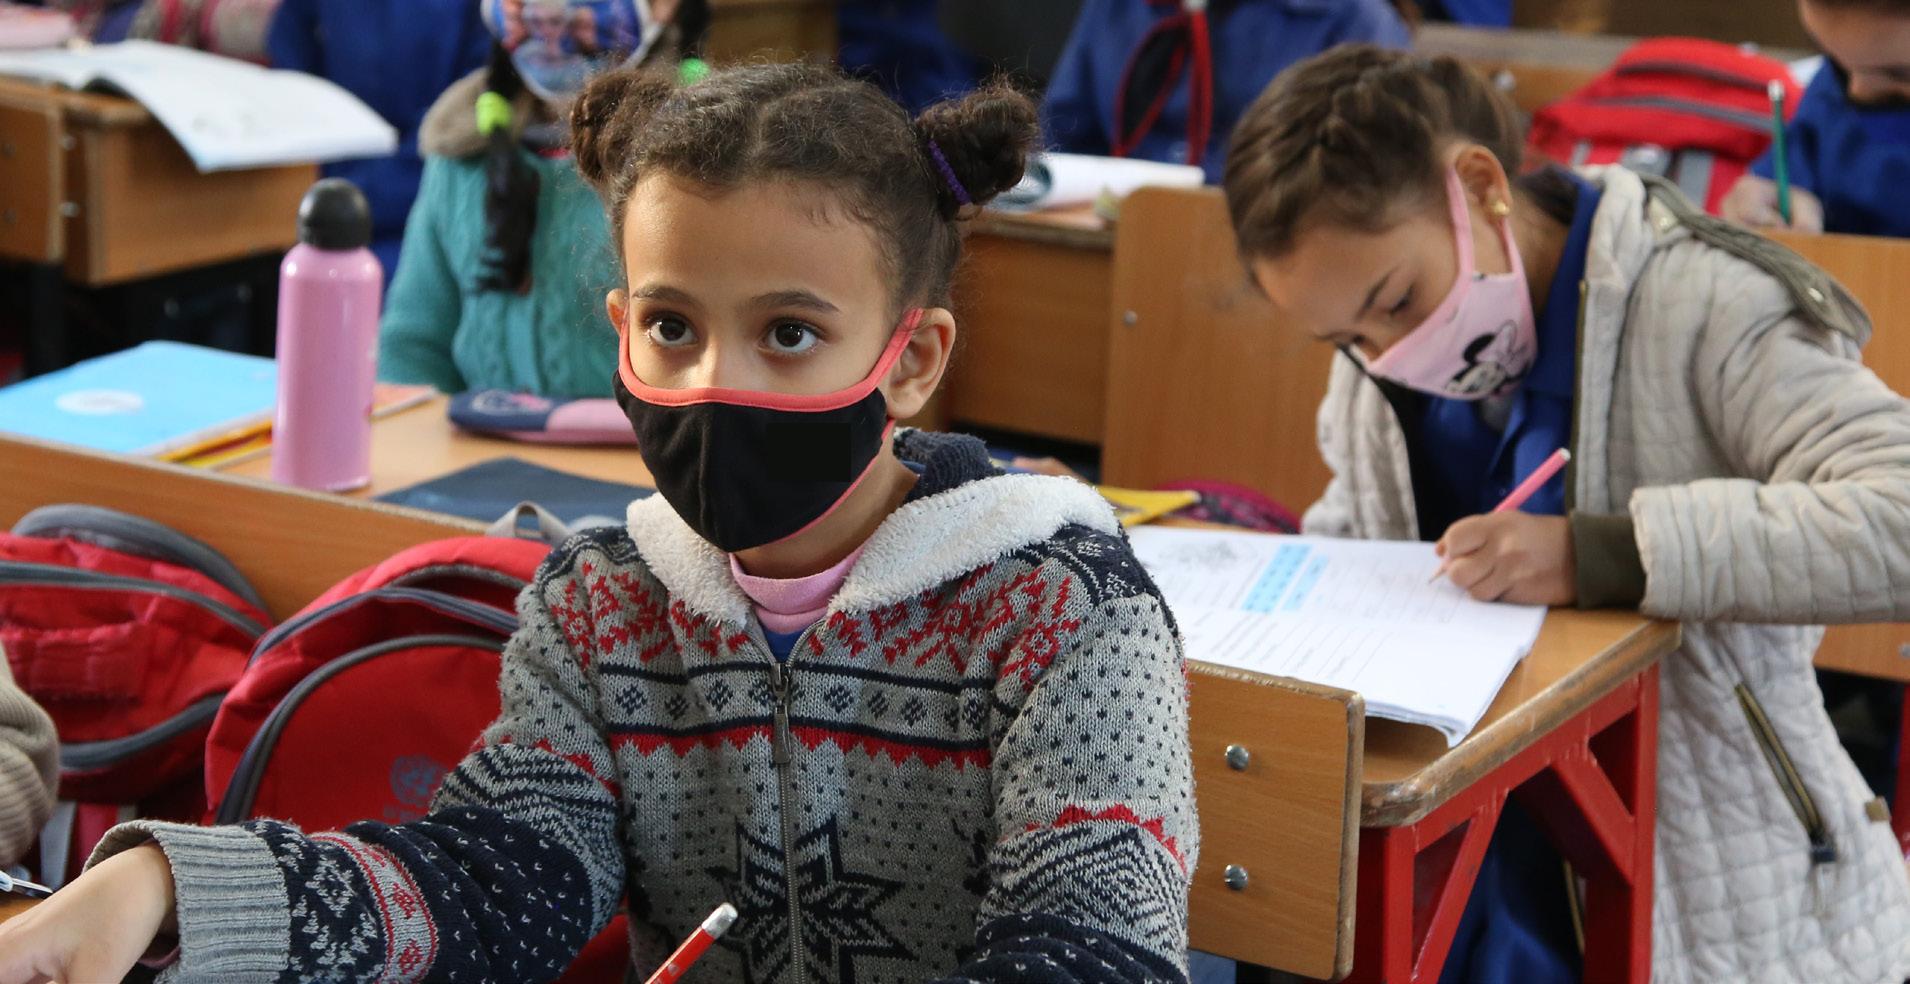 UNRWA HACE UN LLAMAMIENTO DE 1.500 MILLONES PARA APOYAR A LOS REFUGIADOS Y REFUGIADAS DE PALESTINA EN 2021